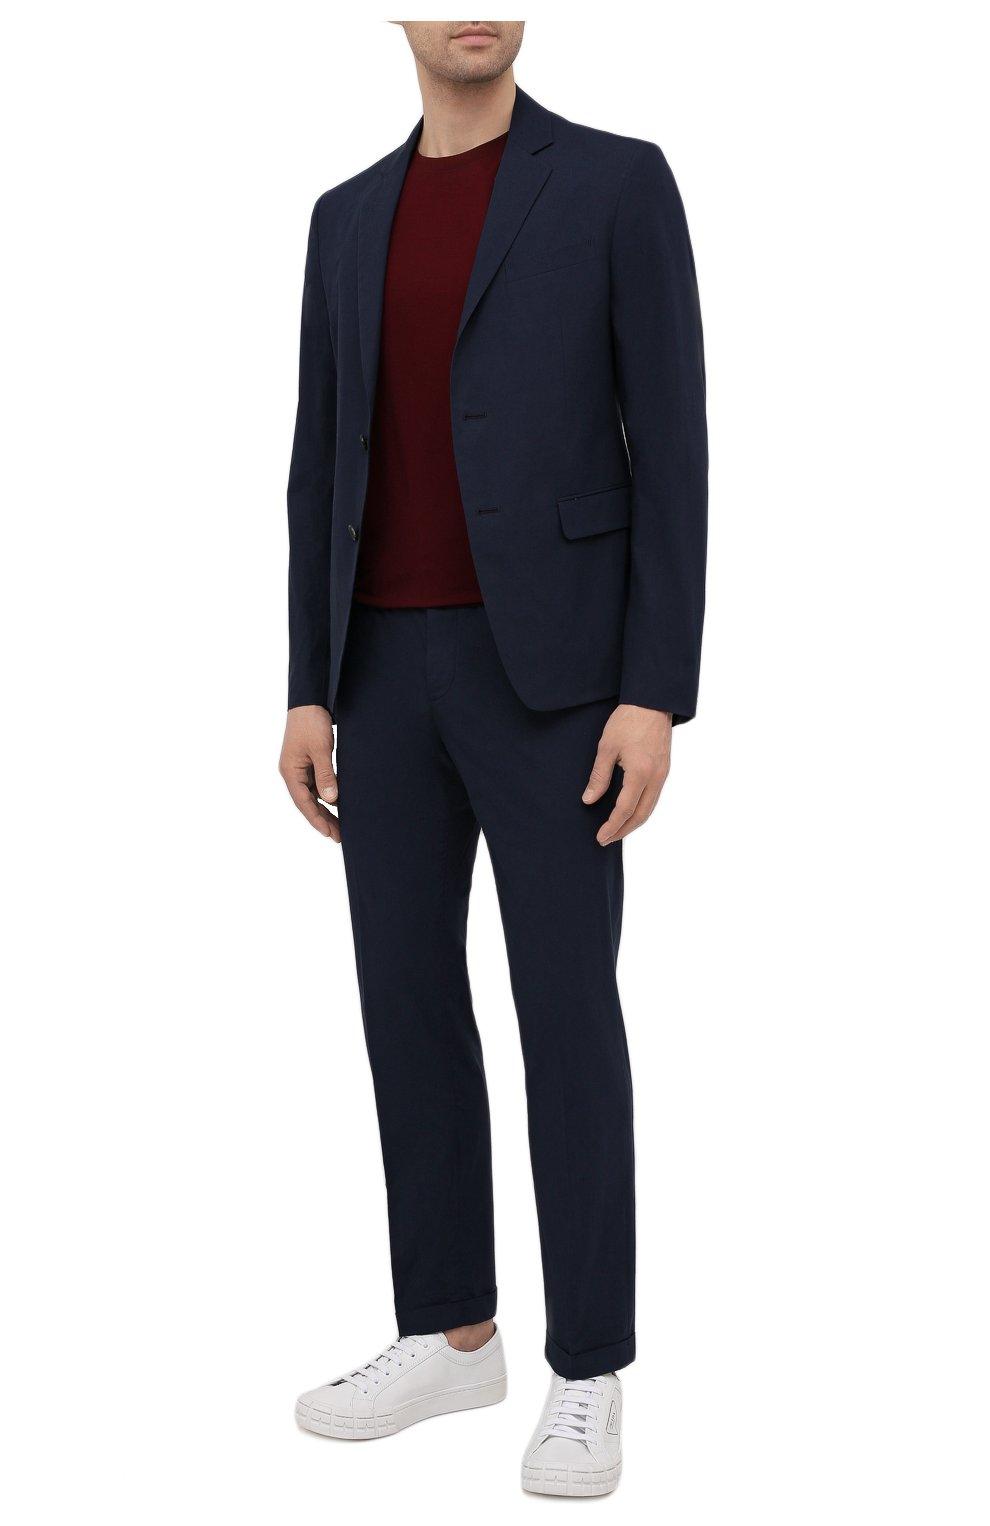 Мужские хлопковые брюки PRADA темно-синего цвета, арт. SPD91-1BJ2-F0ABM-172 | Фото 2 (Длина (брюки, джинсы): Стандартные; Случай: Повседневный; Материал внешний: Хлопок; Стили: Минимализм)